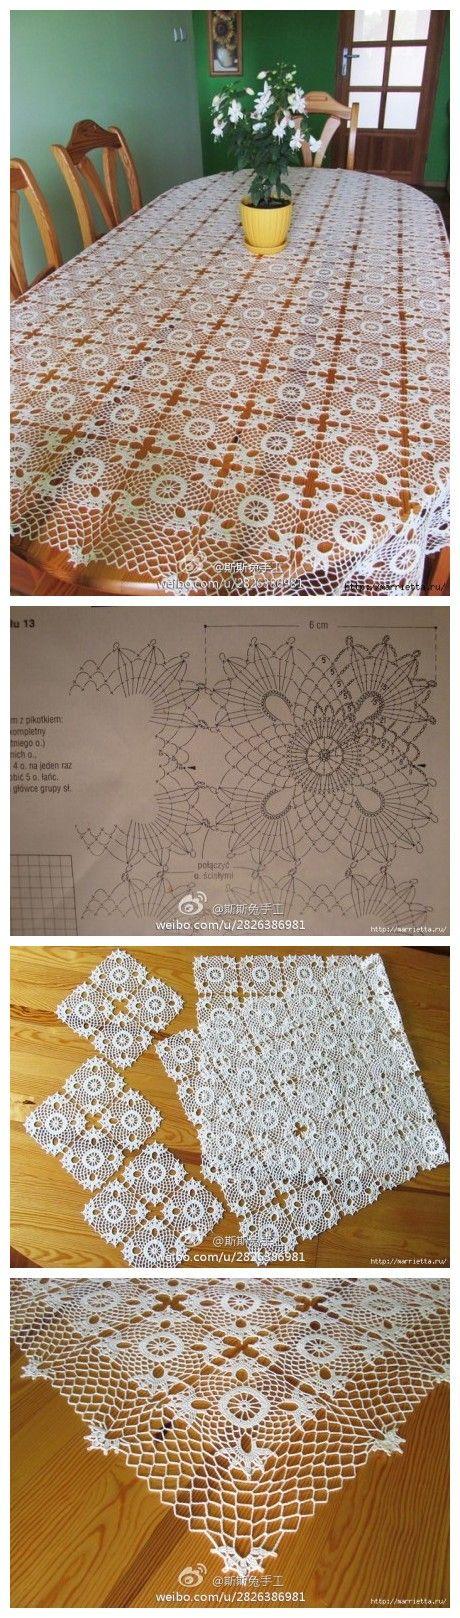 钩花桌布 motif dantel örnekleri